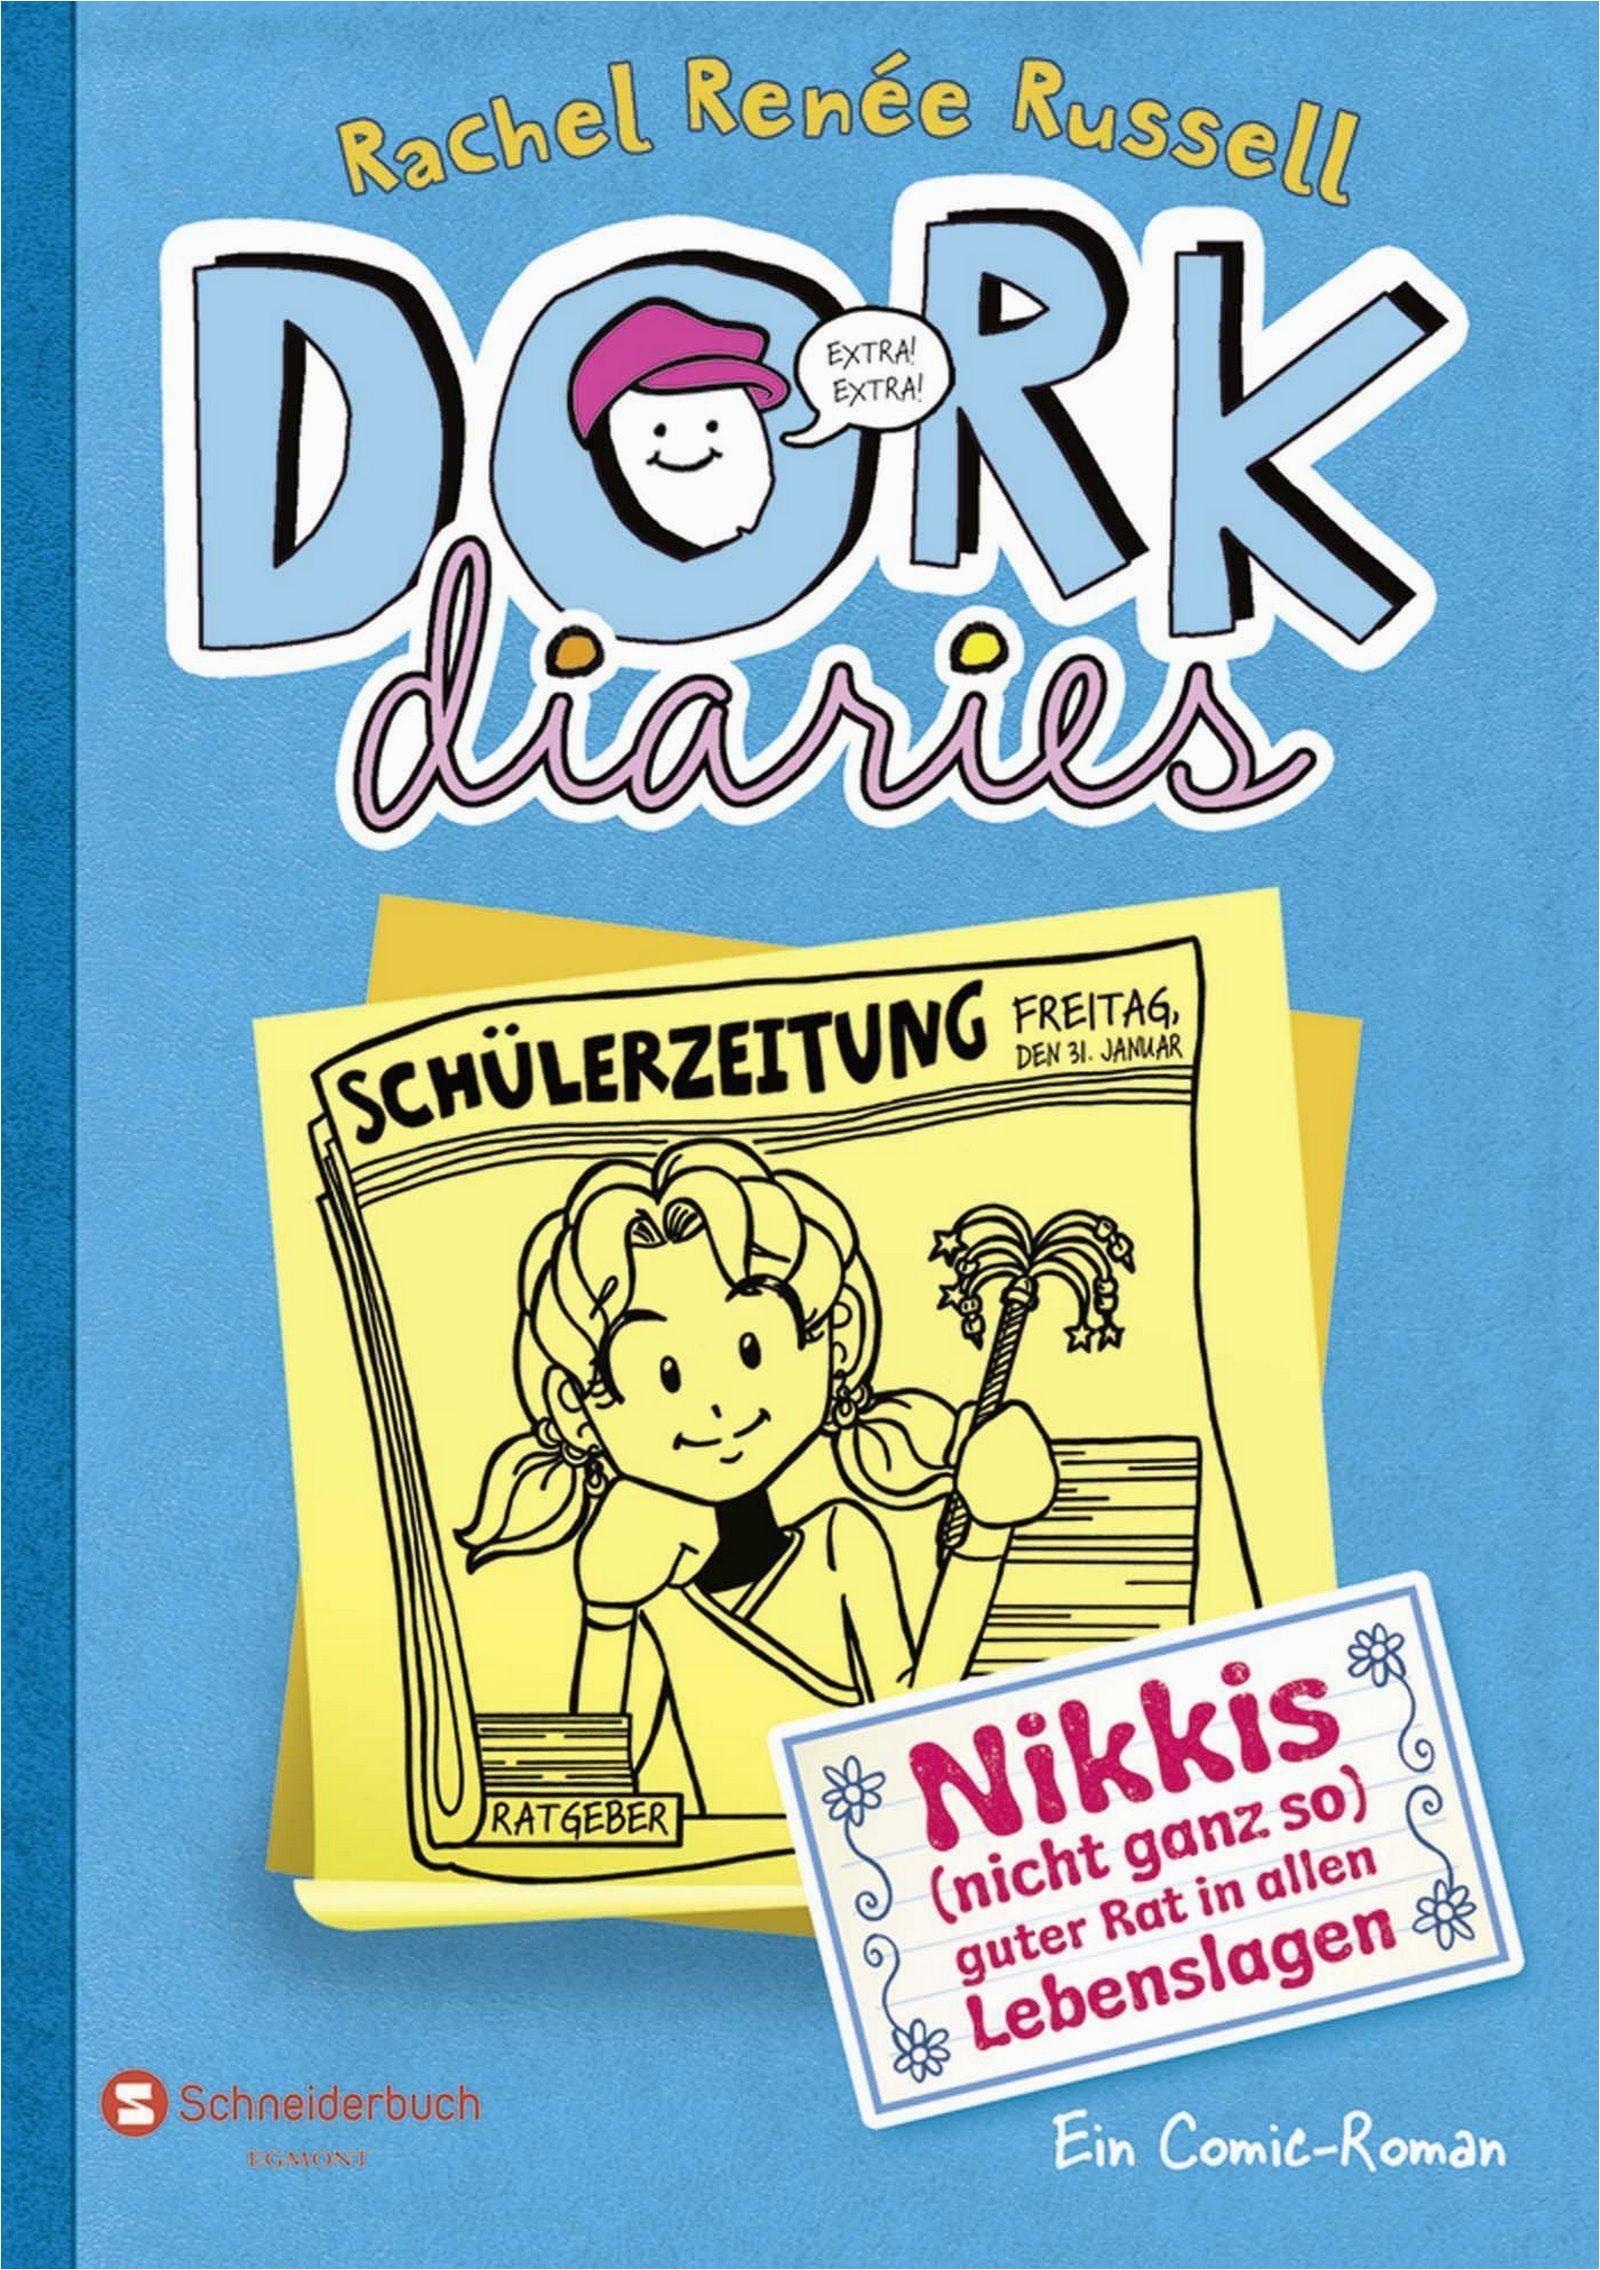 dork diaries band 5 nikkis nicht ganz so guter rat in allen 1